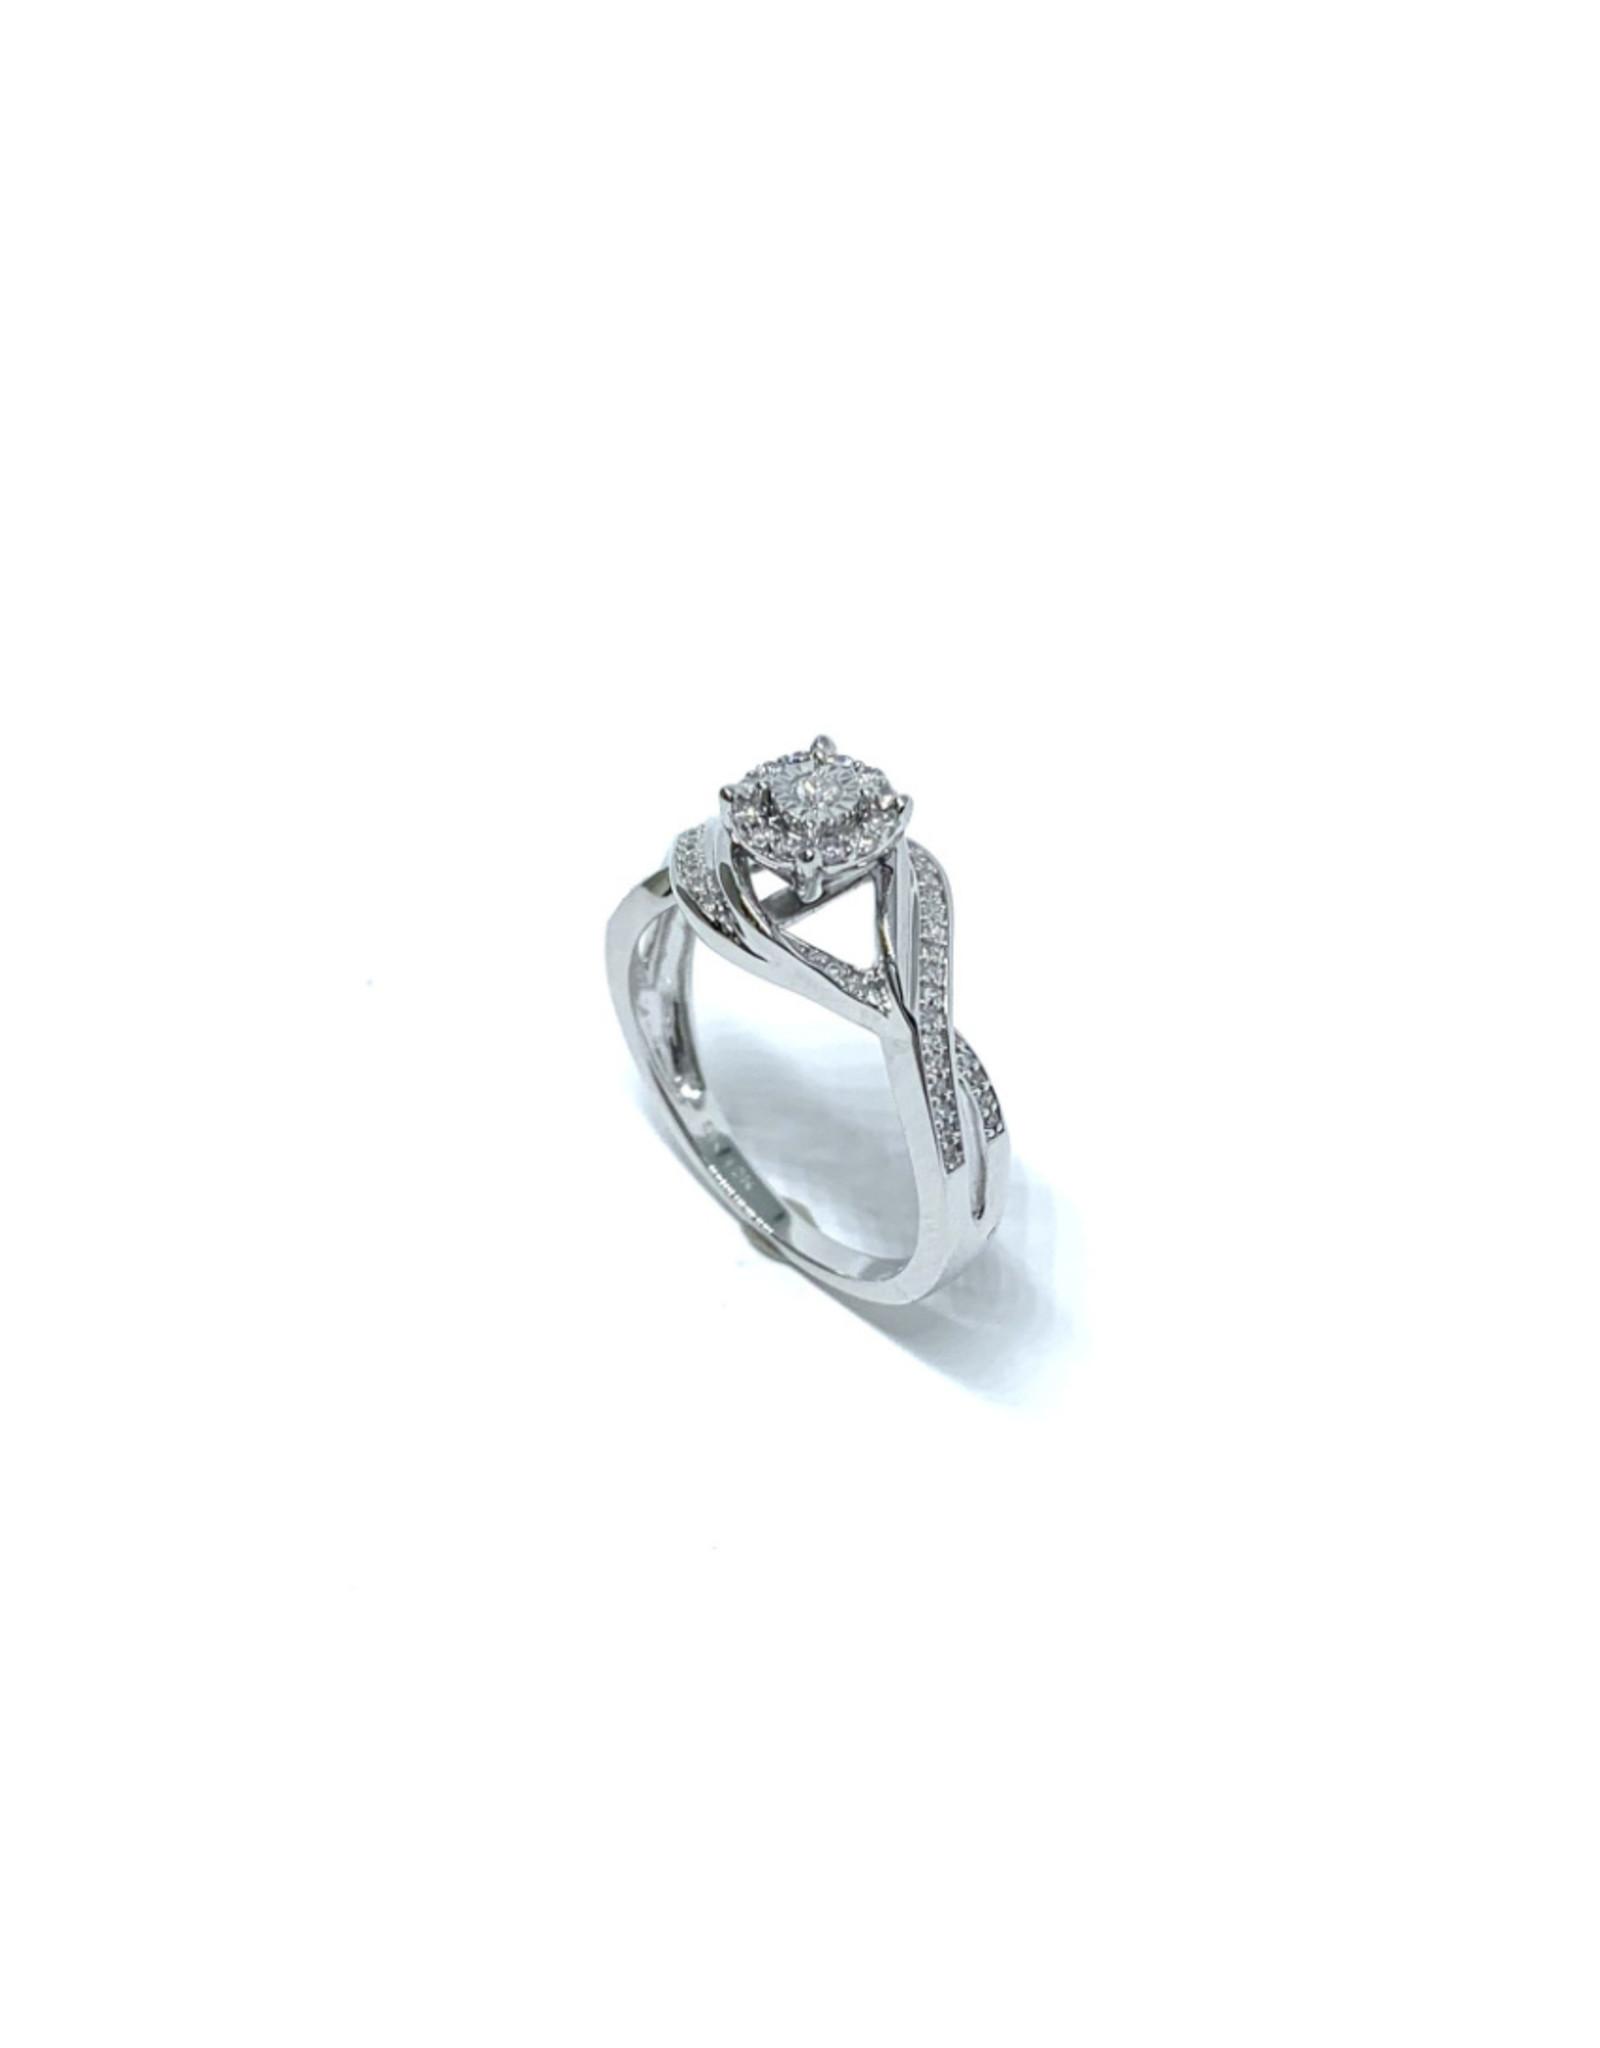 Bague de fiançailles halo illusion Or blanc 10K avec diamants